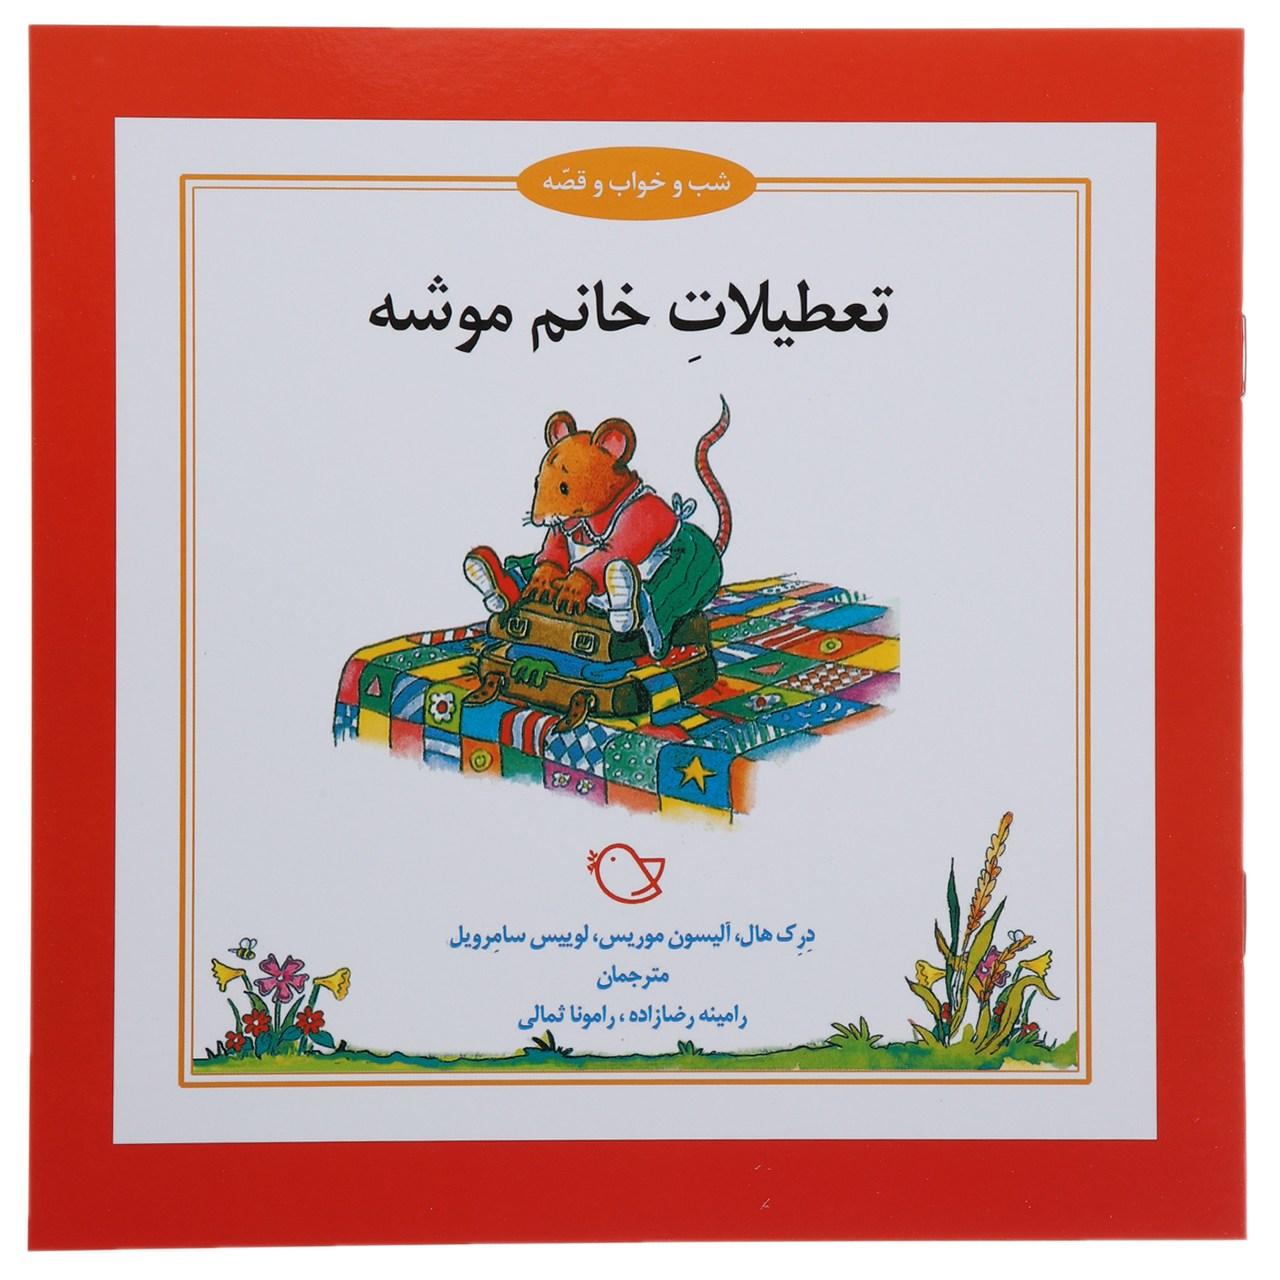 کتاب تعطیلات خانم موشه اثر درک هال